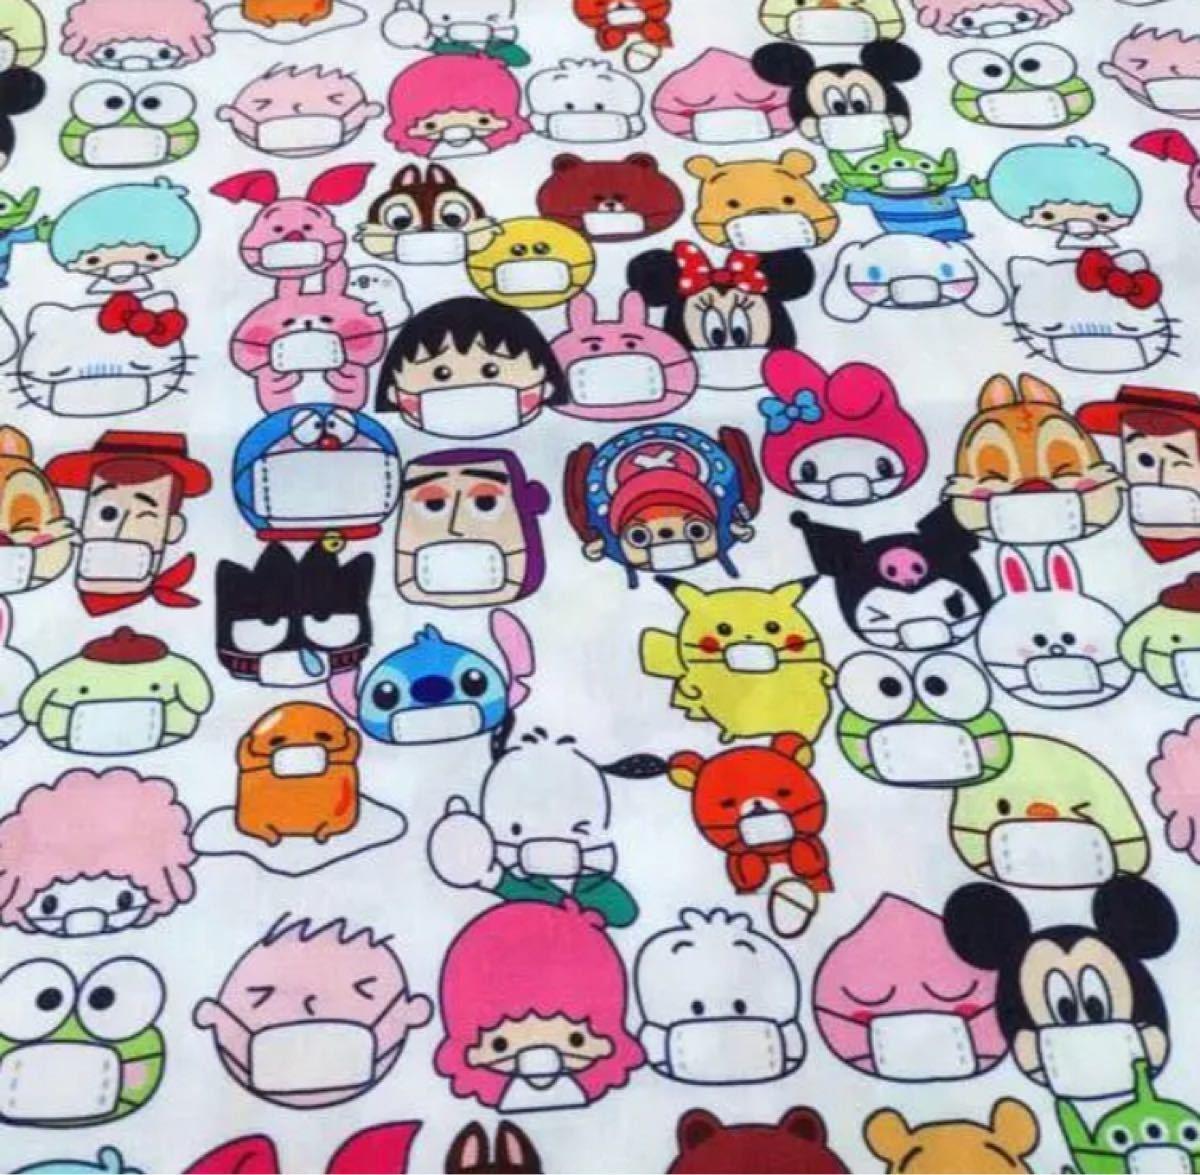 ハギレ 生地 子供に大人気なキャラクターが全員マスク姿で集合バックカラー白